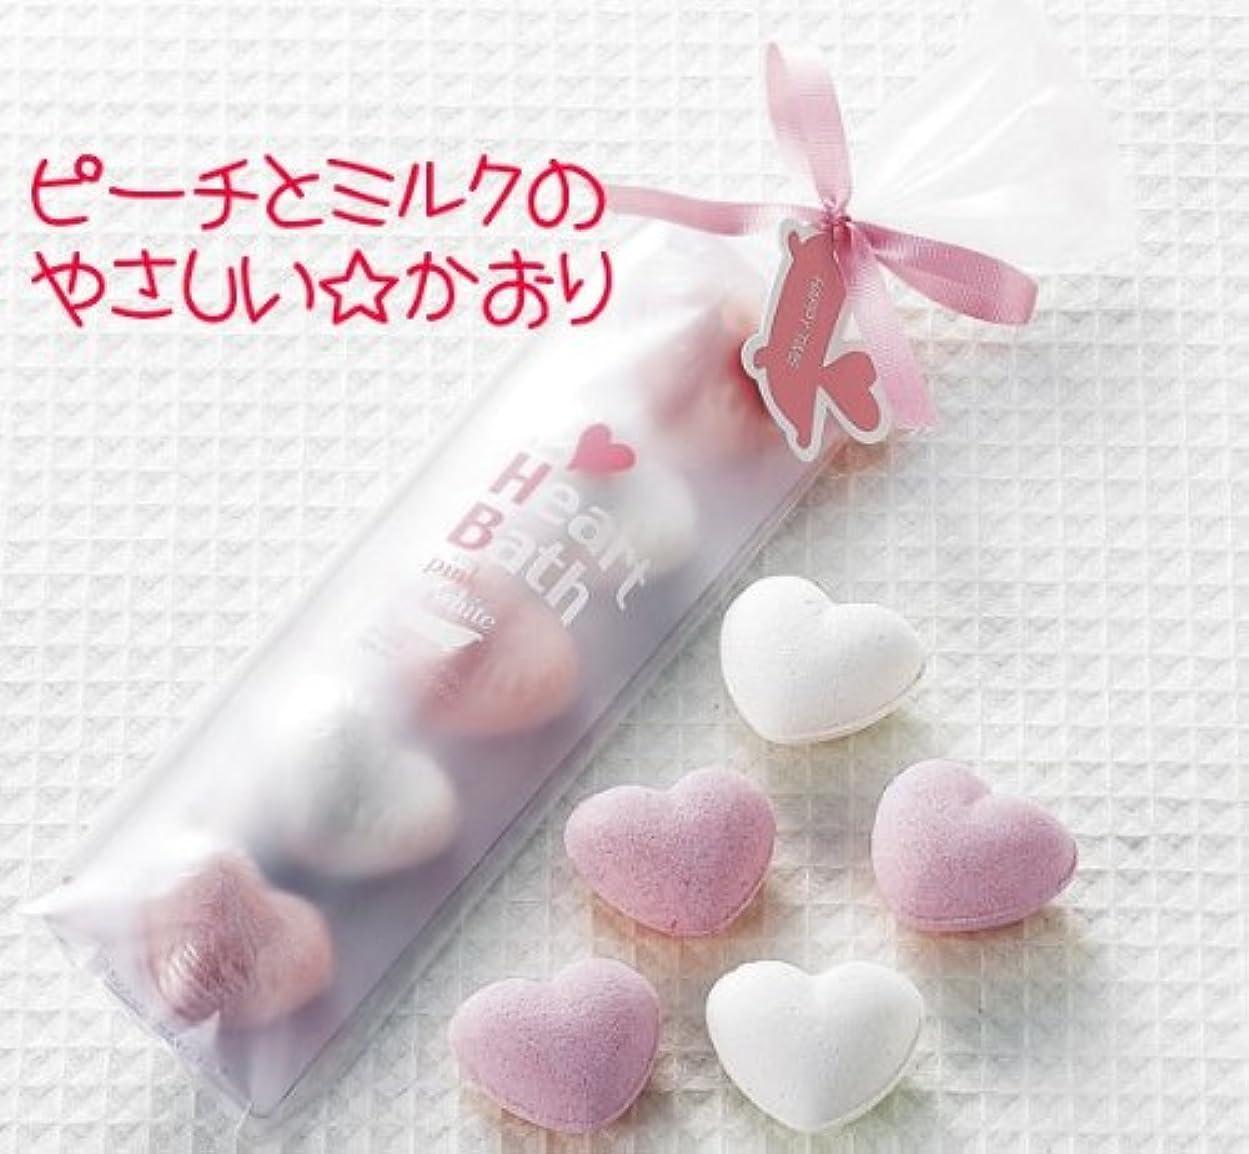 ゴミ箱ズームスリーブハートの入浴剤 ピーチ&ミルク【結婚式 二次会 プチギフト】